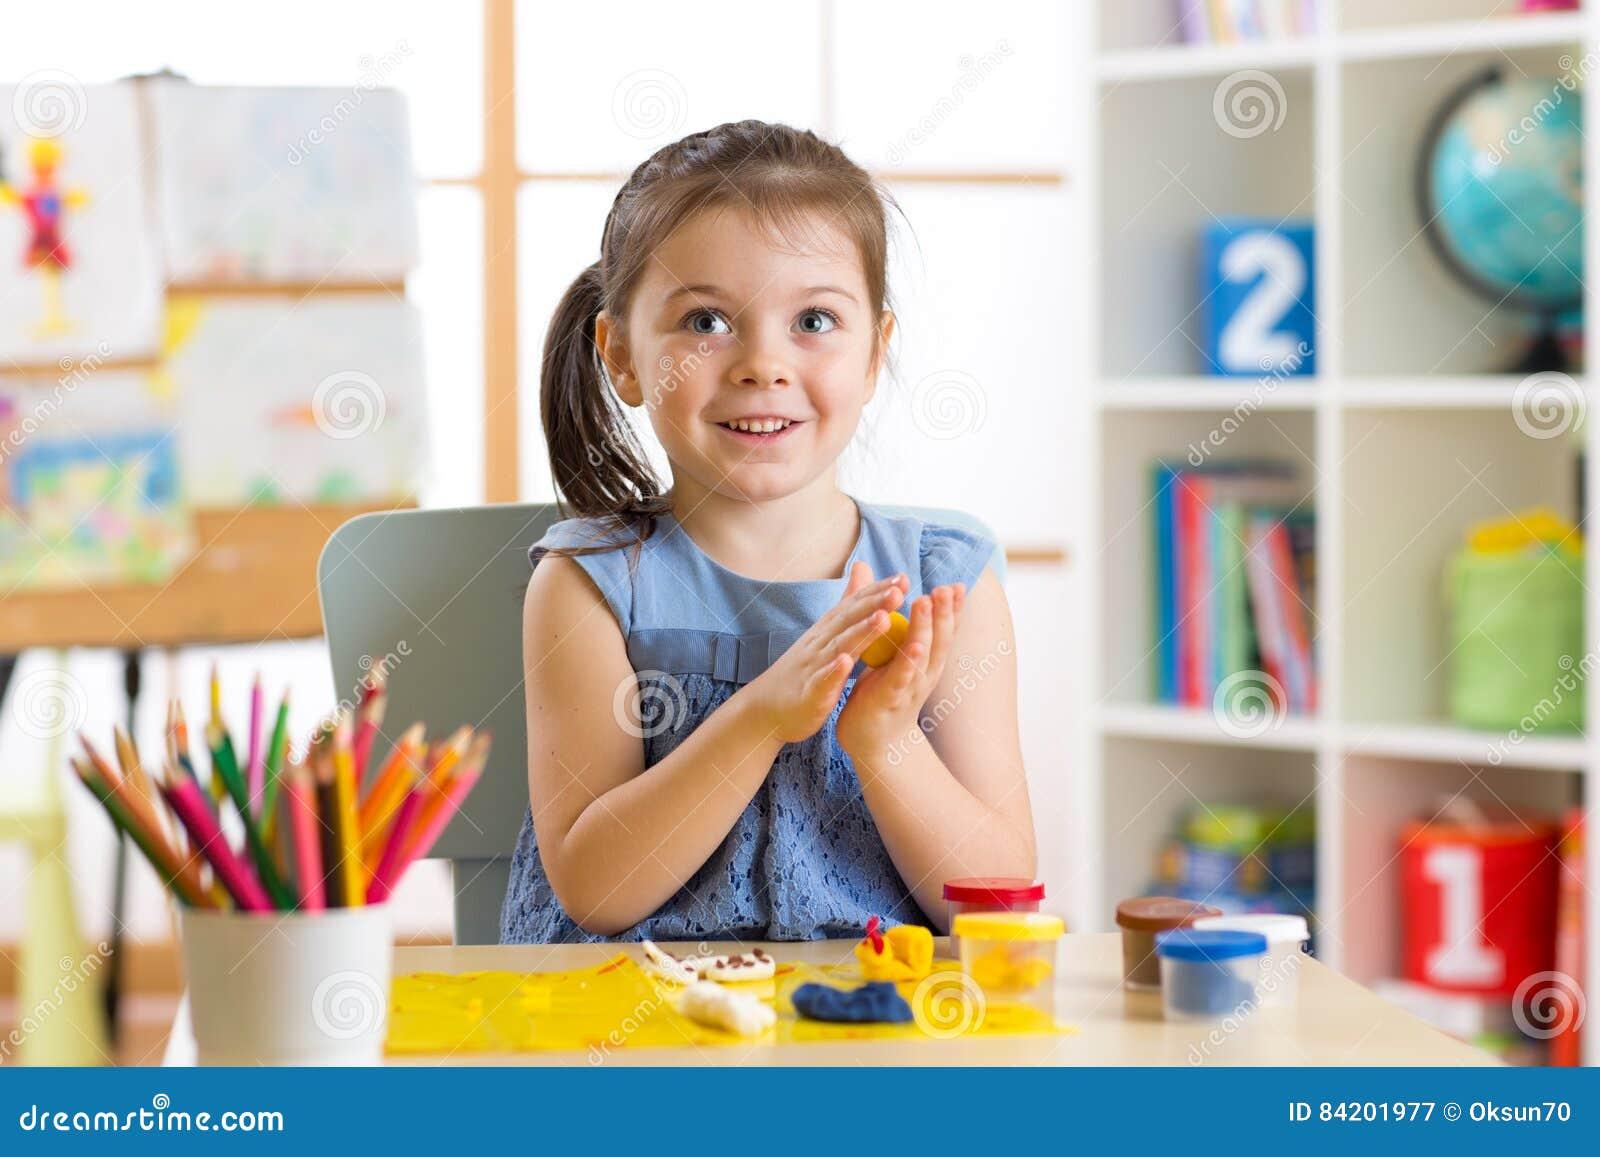 Créativité d enfants L enfant sculpte de l argile La petite fille mignonne moule de la pâte à modeler sur la table